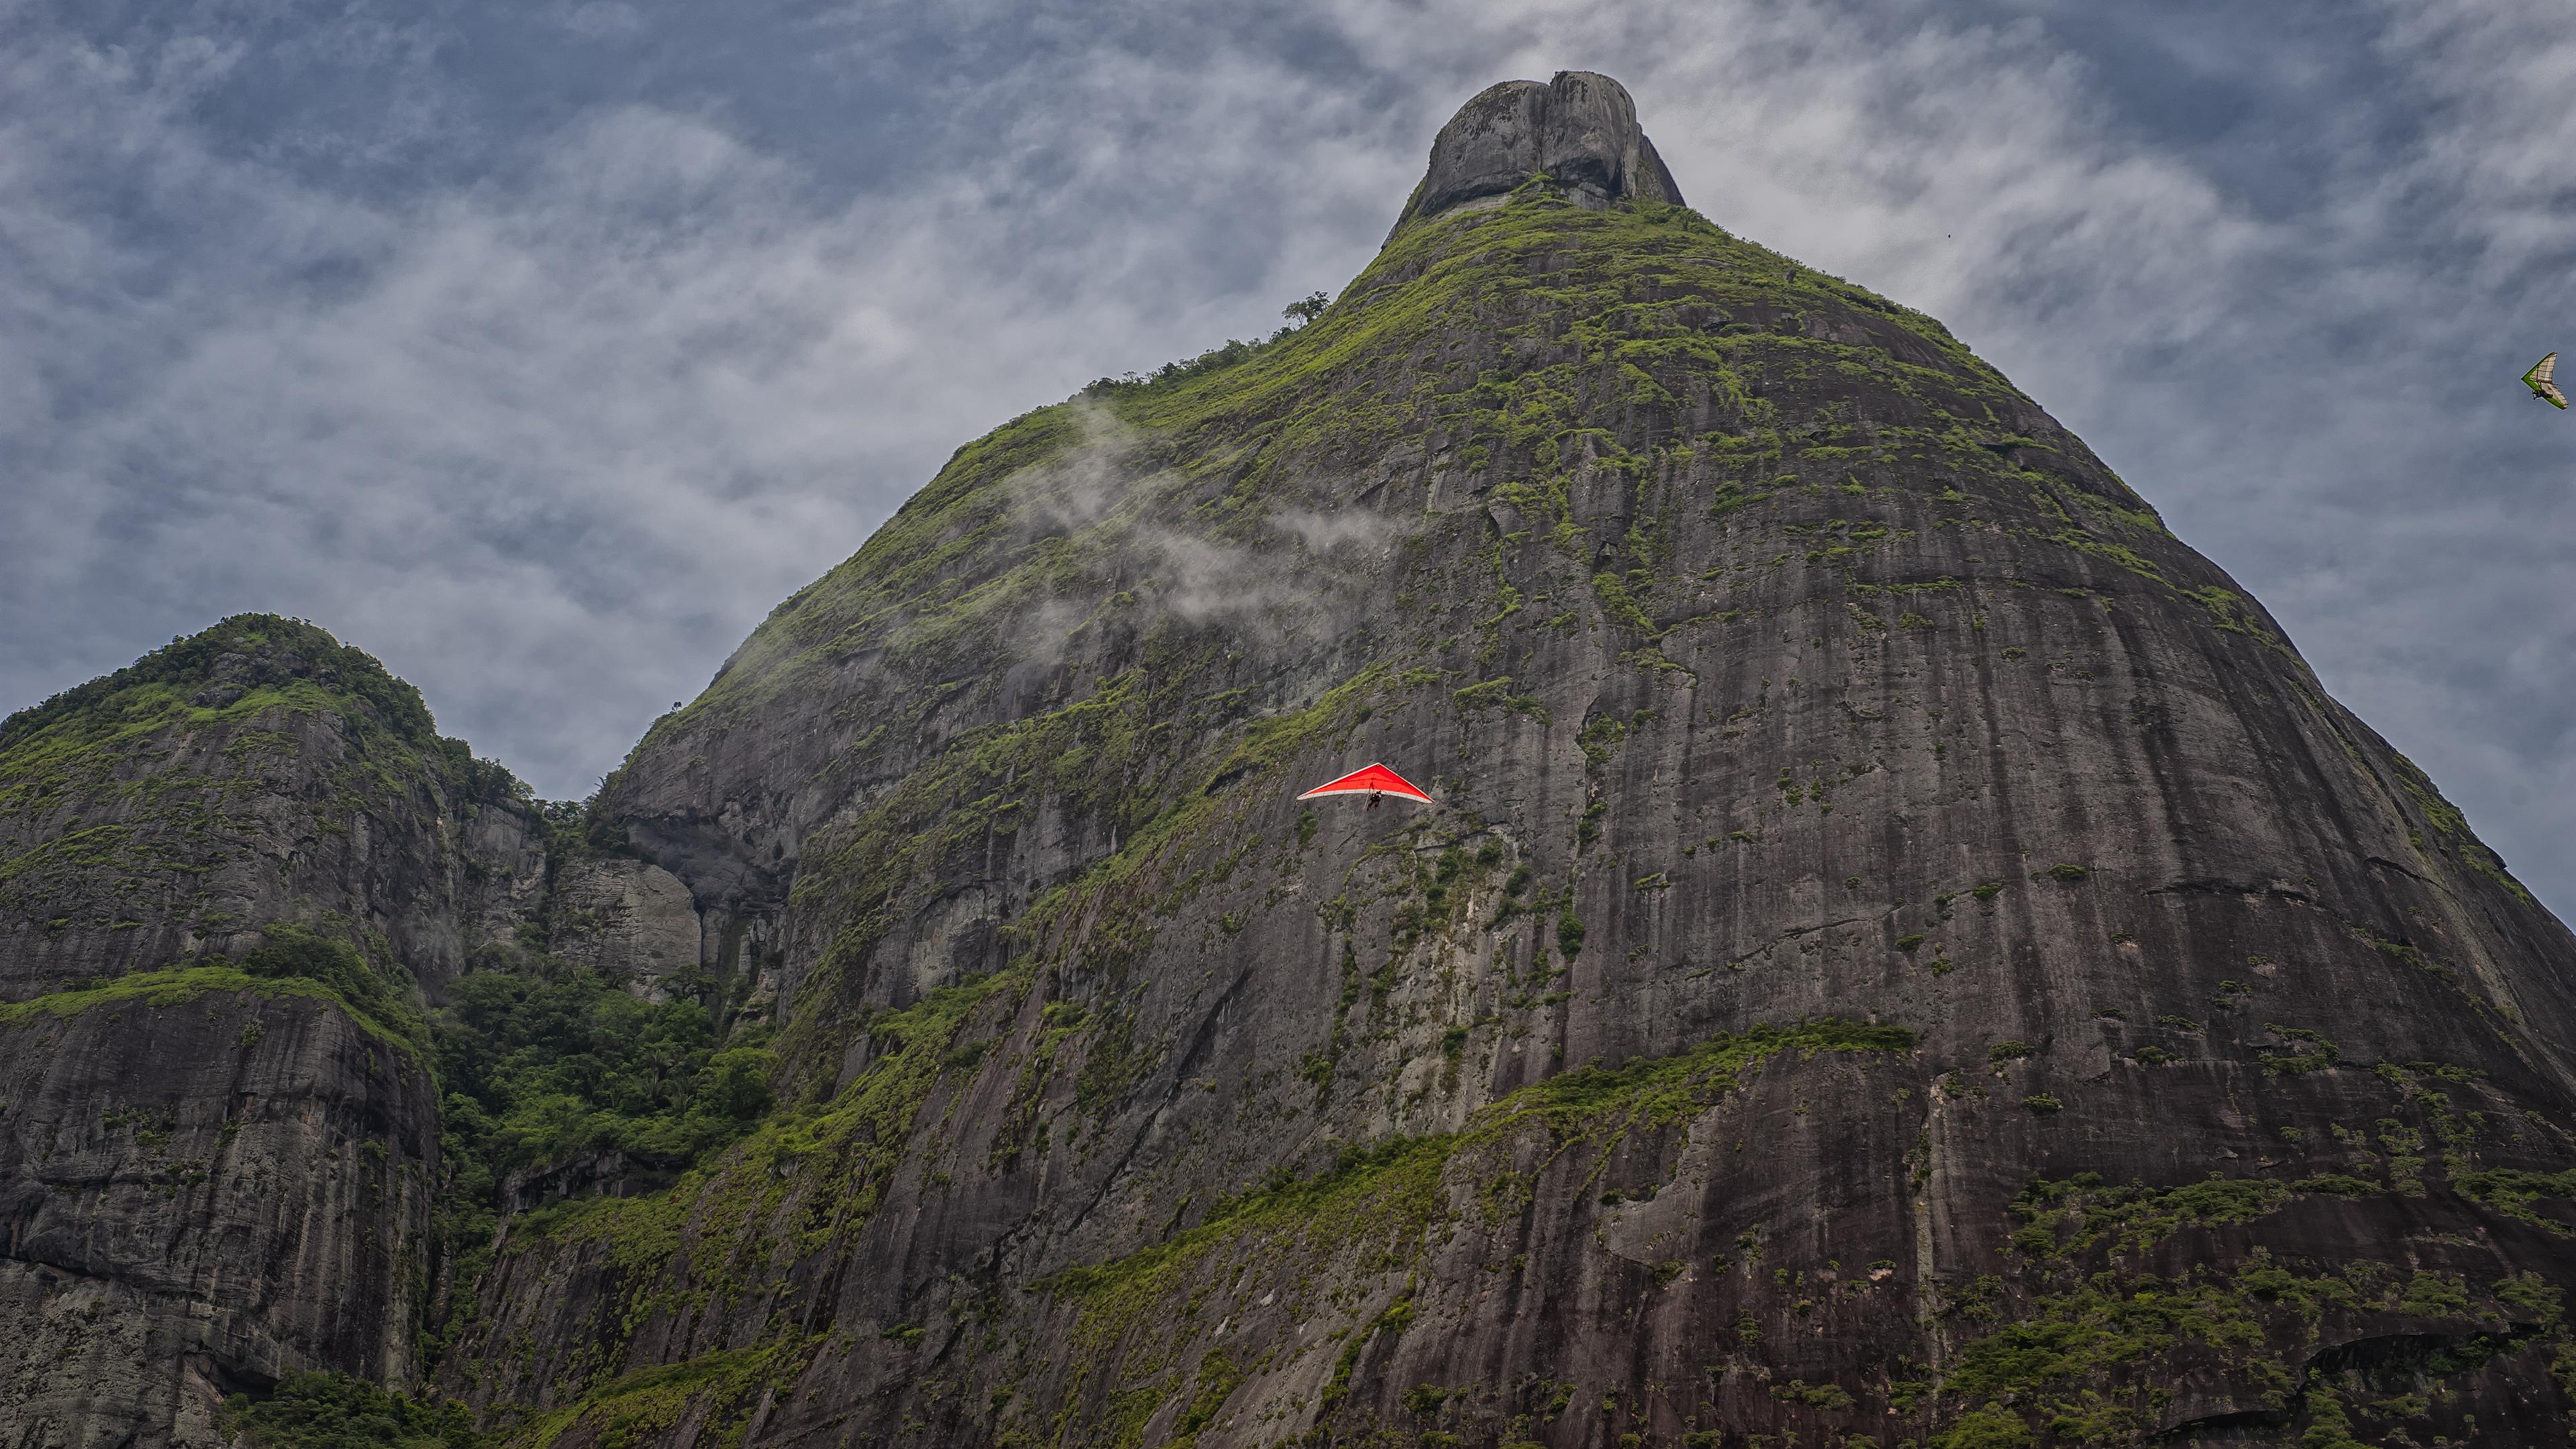 Pedra da Urca in Rio